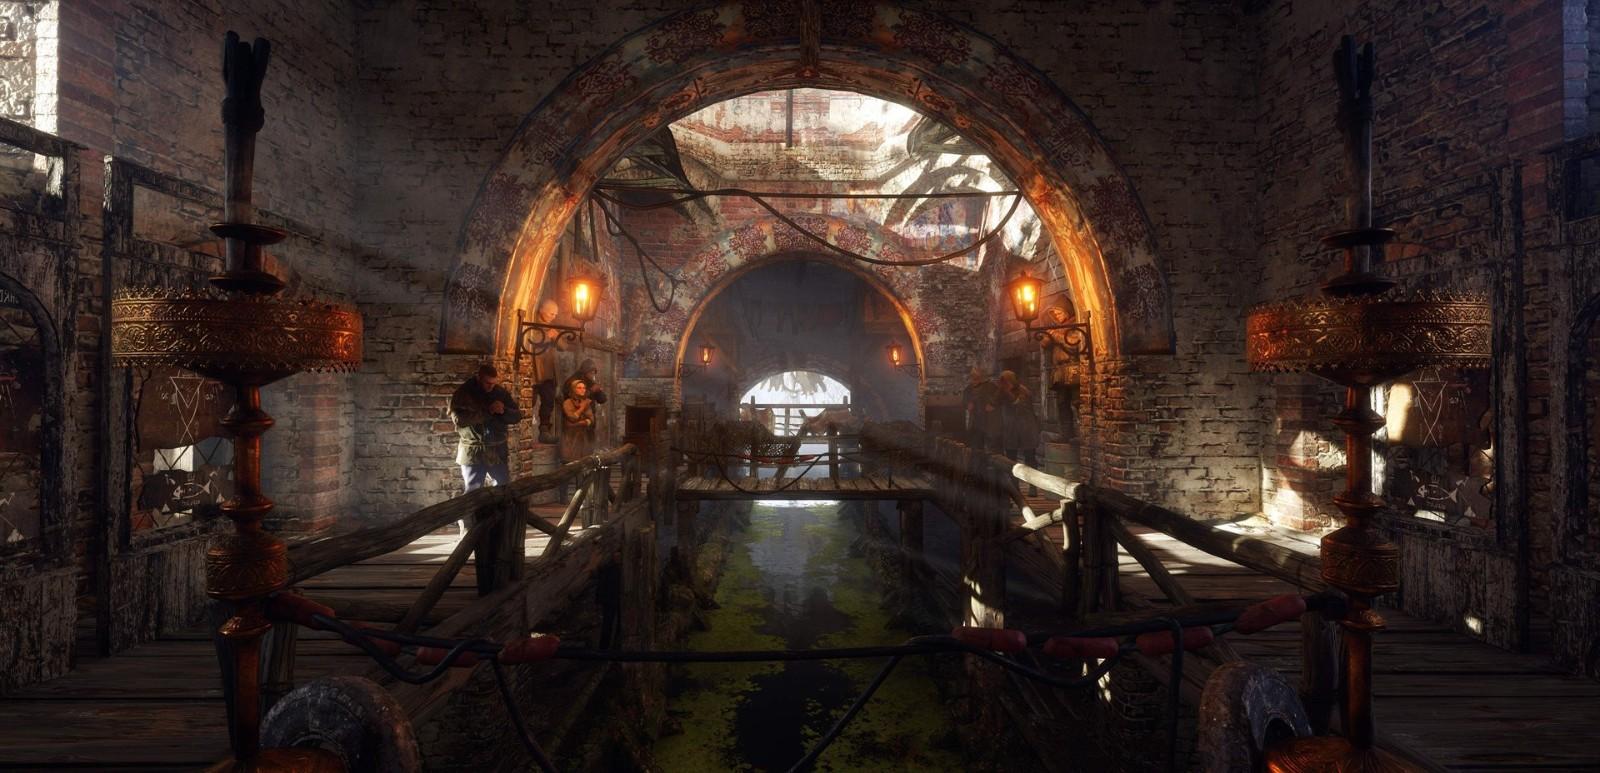 《地铁:逃离》加入NVIDIA DLSS 2.0与新光线追踪